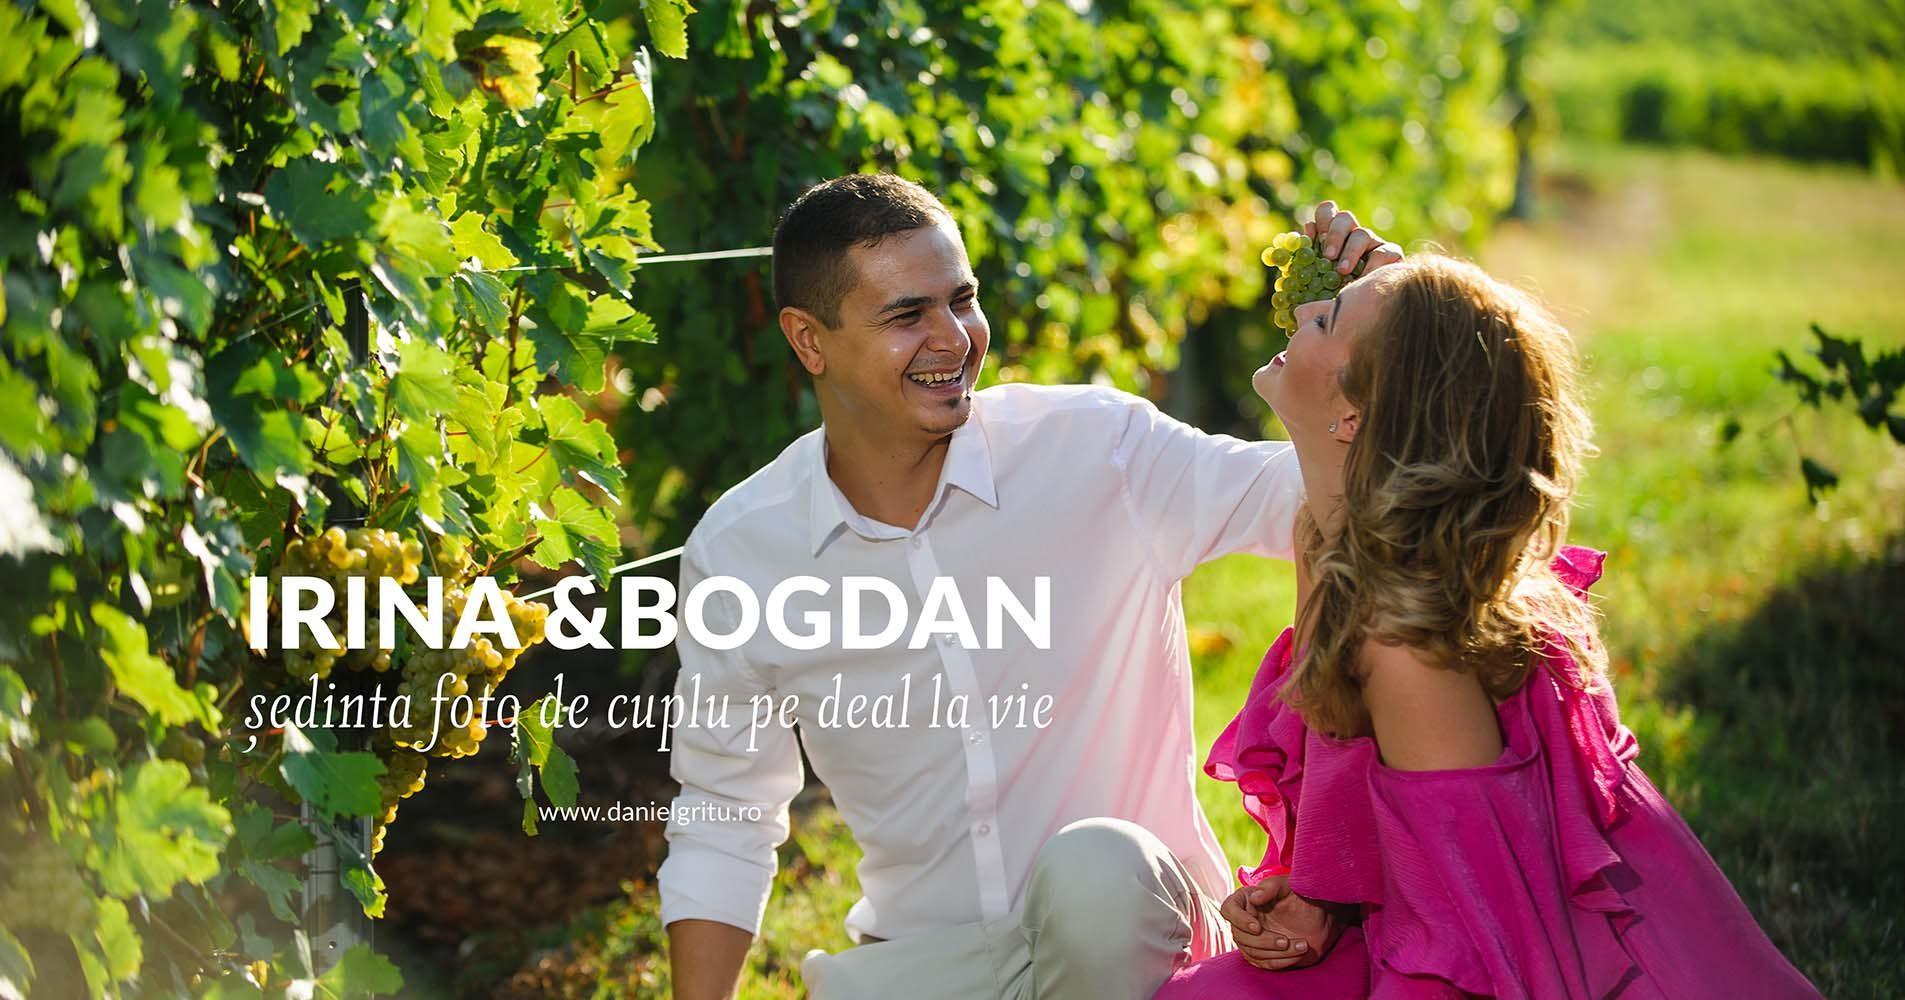 Sedinta foto de cuplu cu Irina si Bogdan pe deal la vie